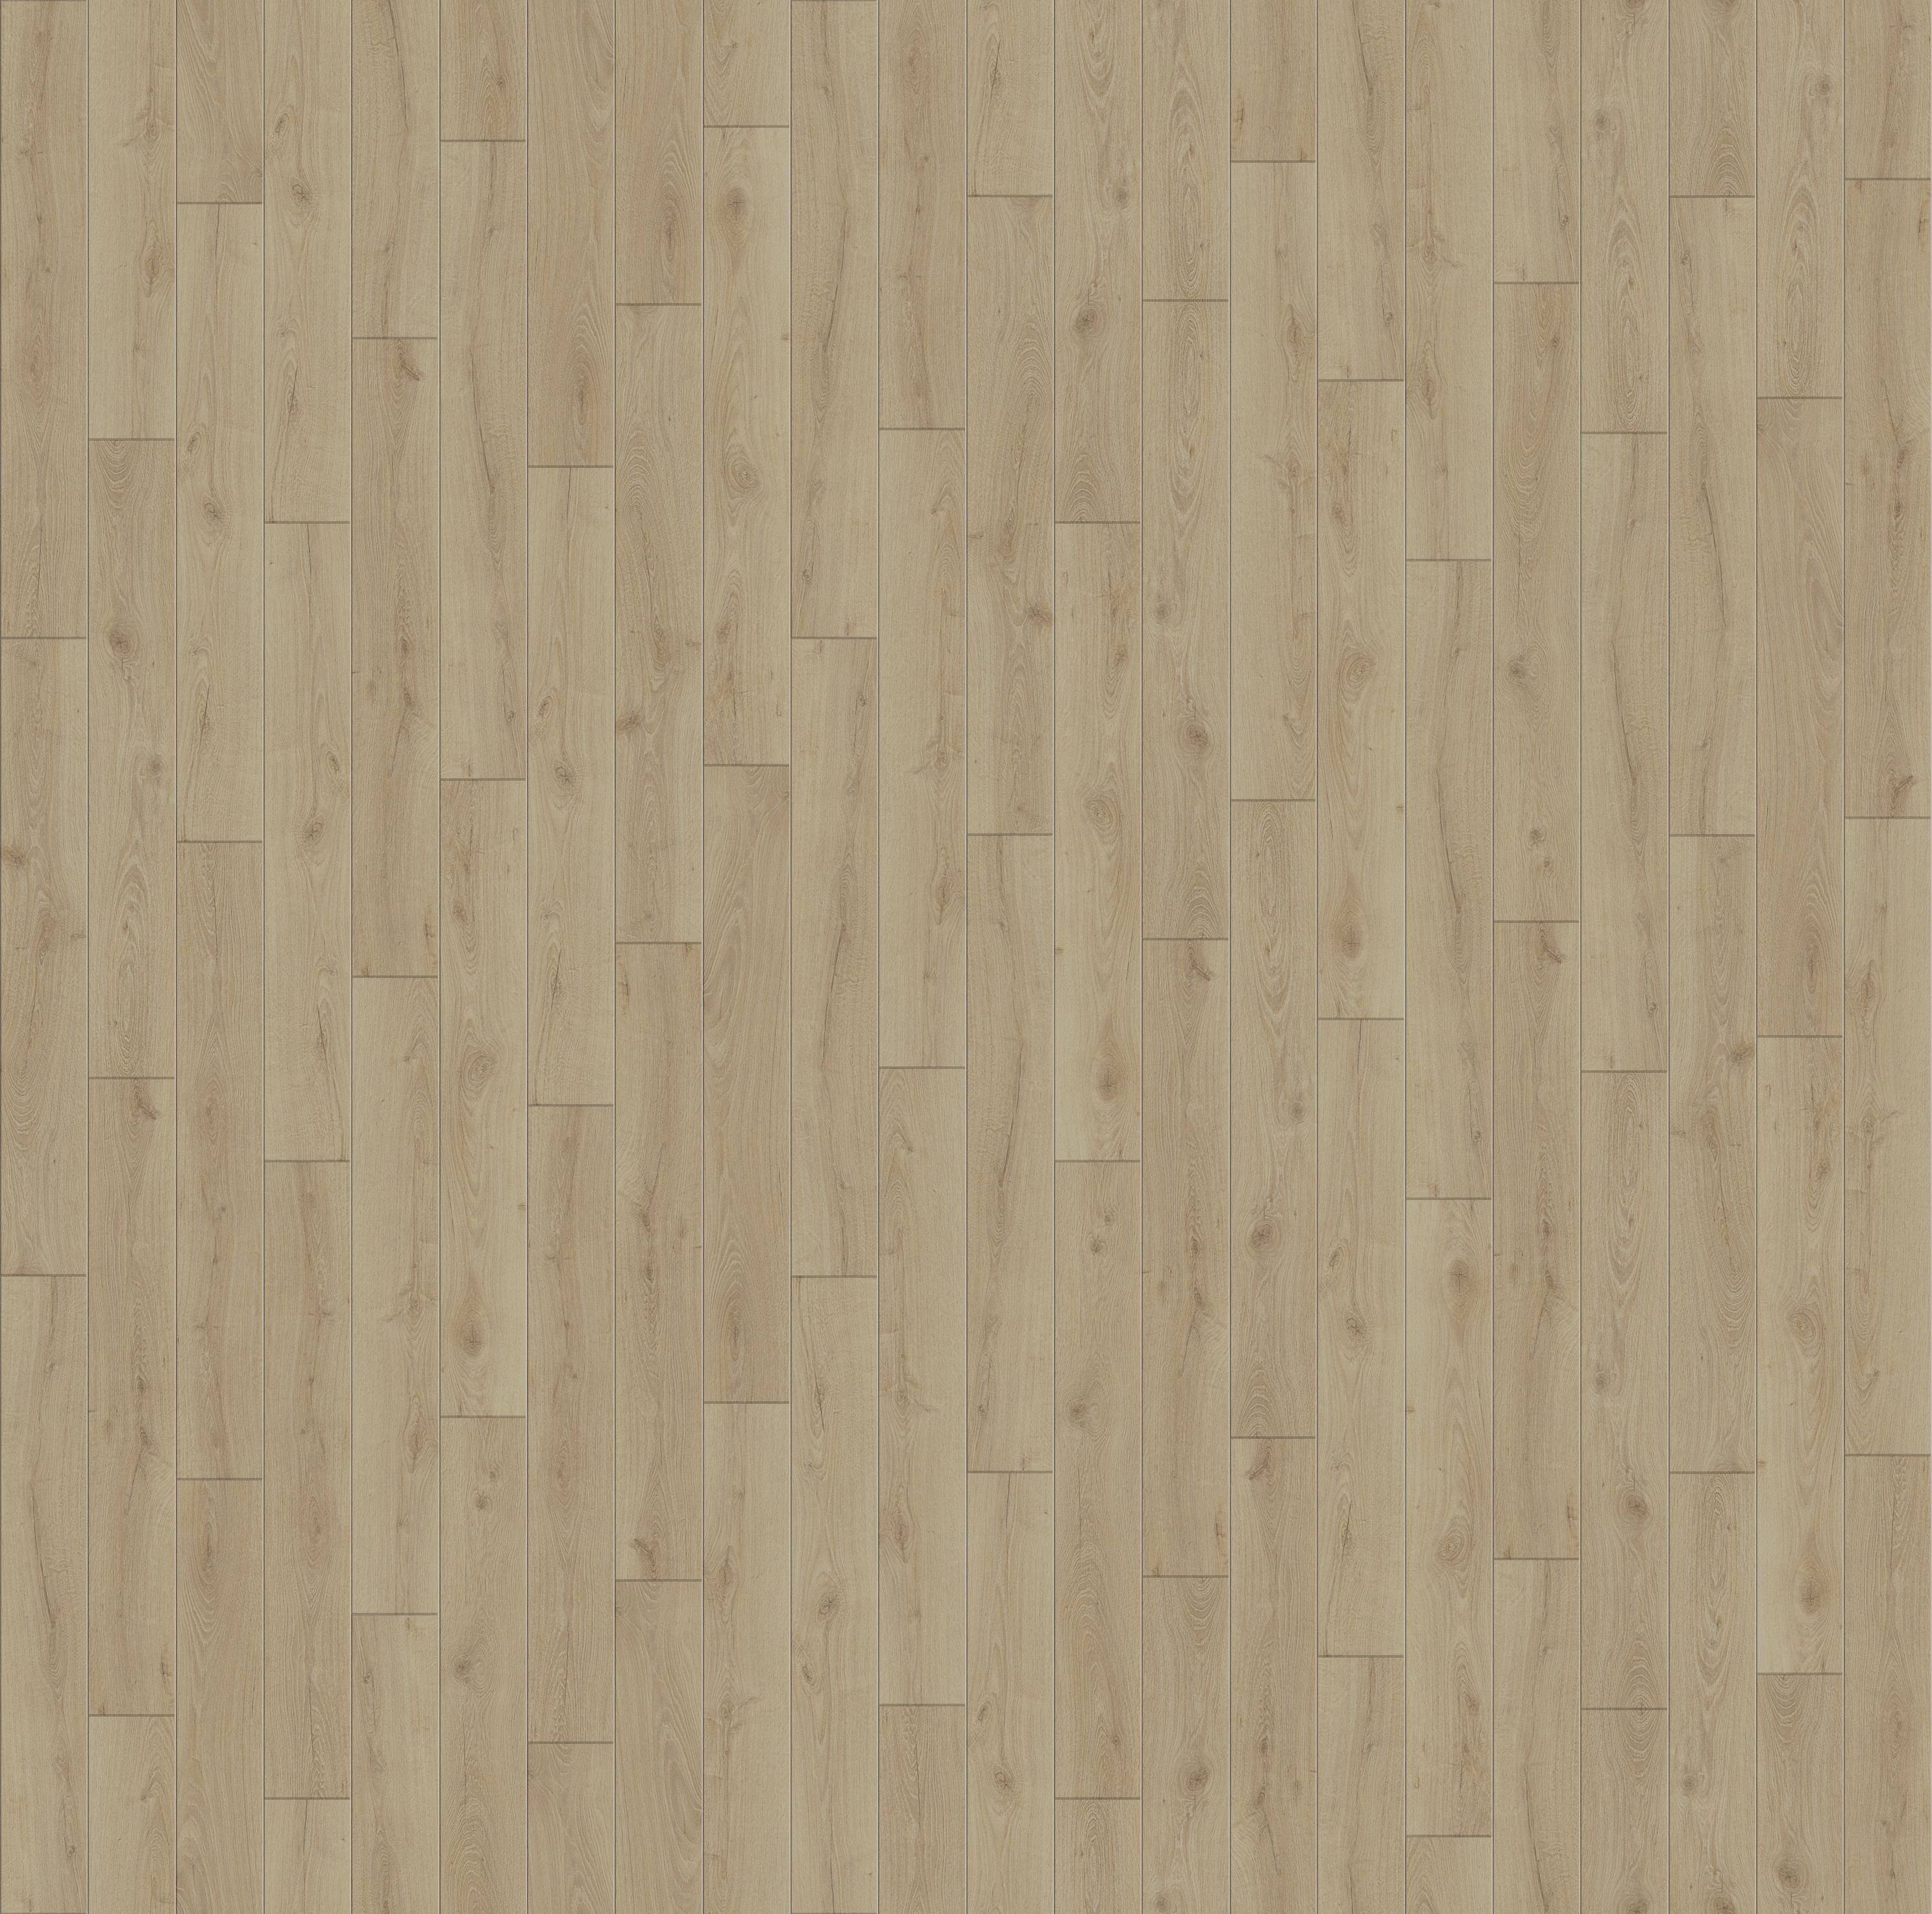 L0331 03868 City Oak Plank Pro Pergo Co Uk